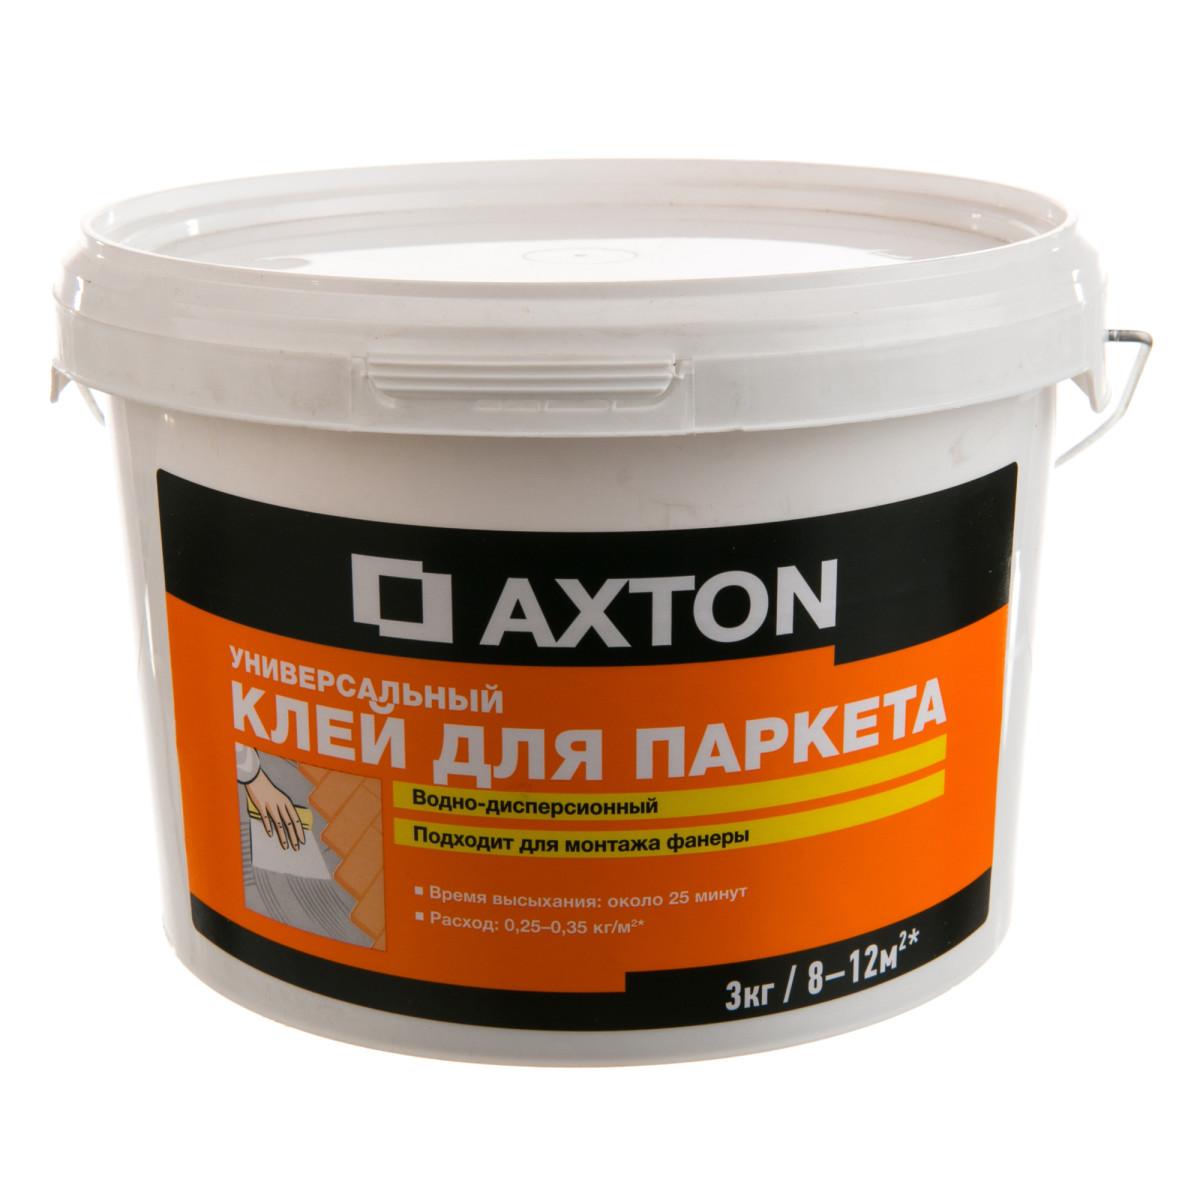 Клей Axton водно-дисперсионный для паркета 3 кг